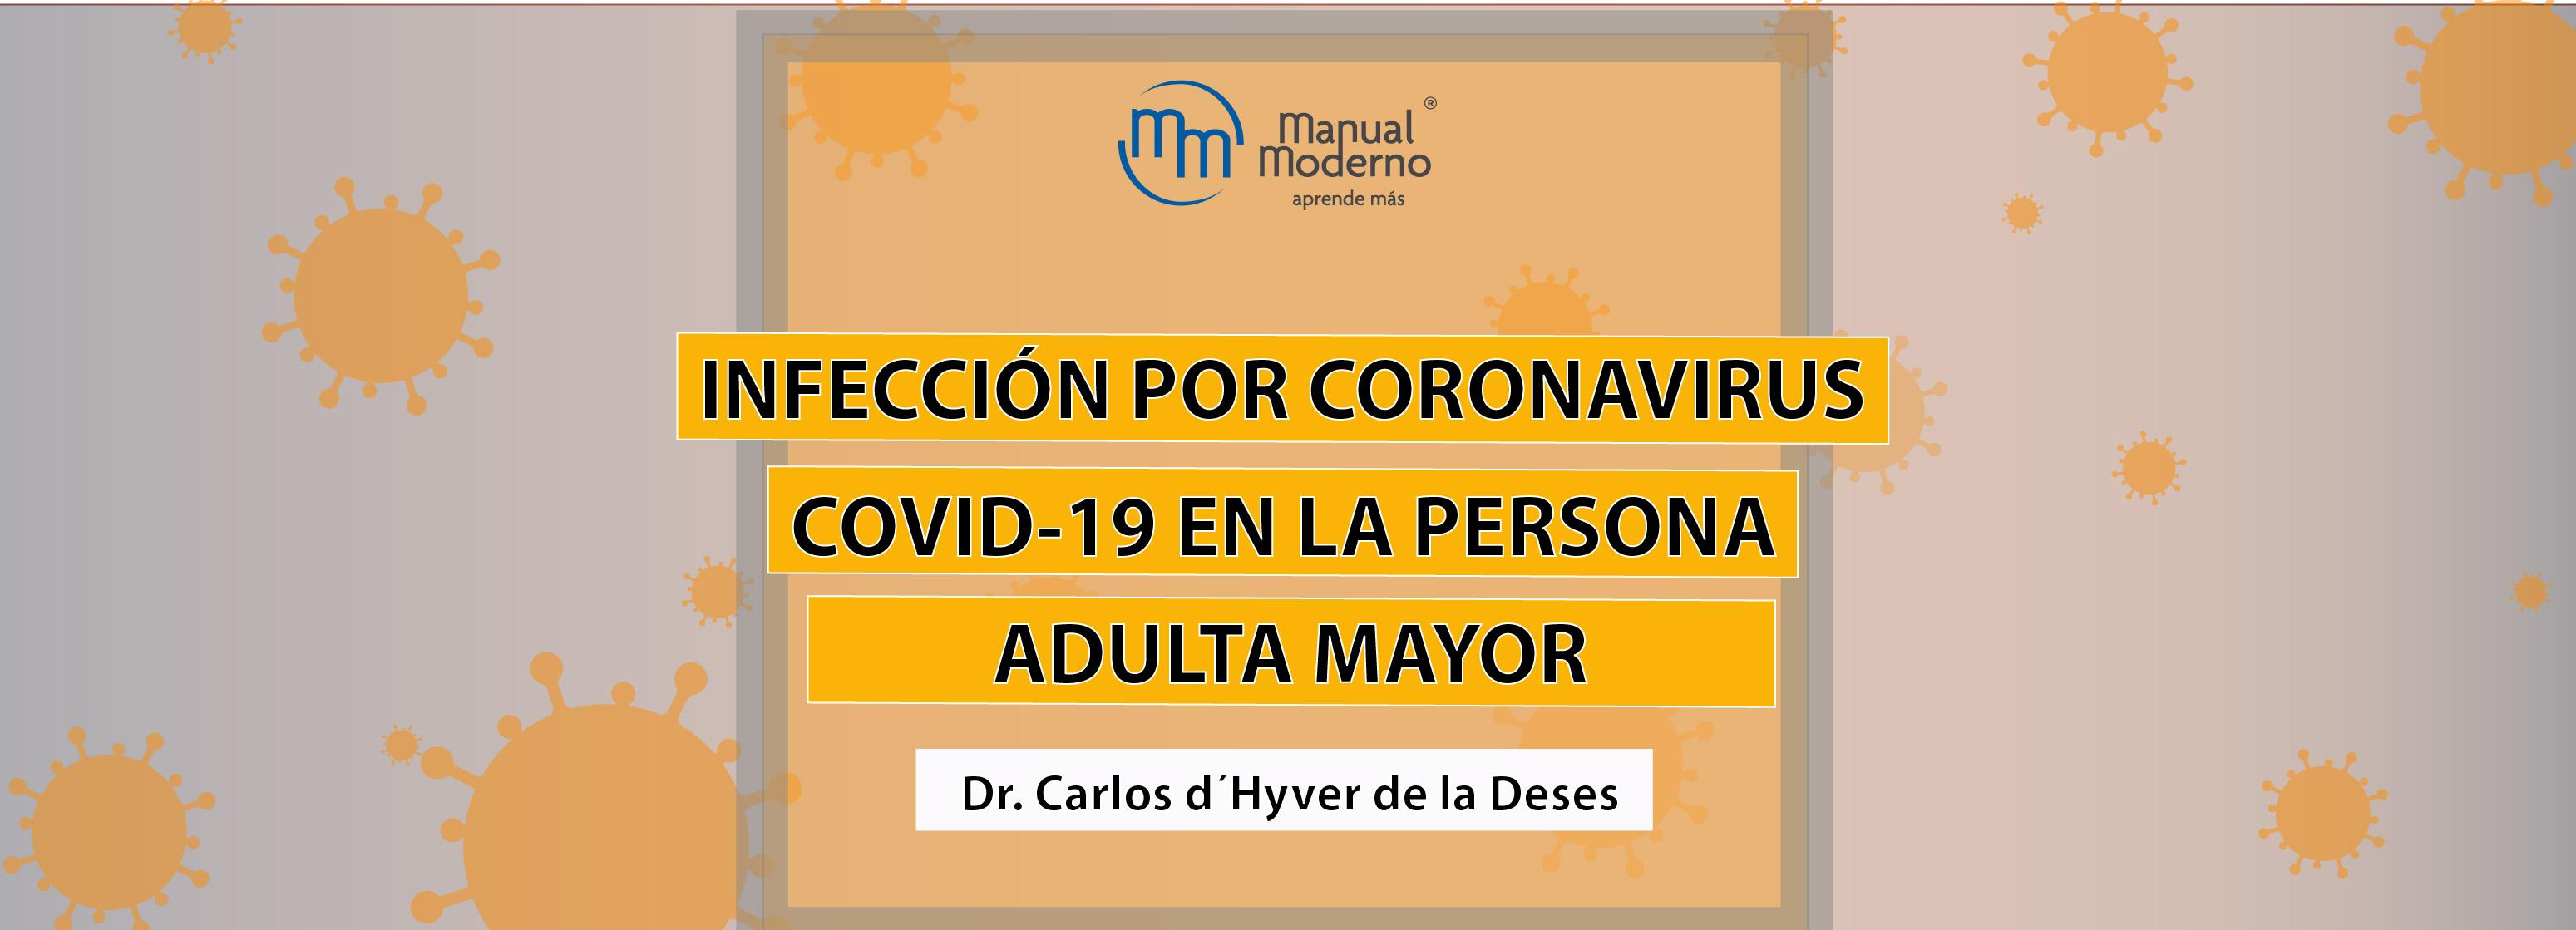 INFECCIÓN POR CORONAVIRUS COVID-19 EN LA PERSONA ADULTA MAYOR